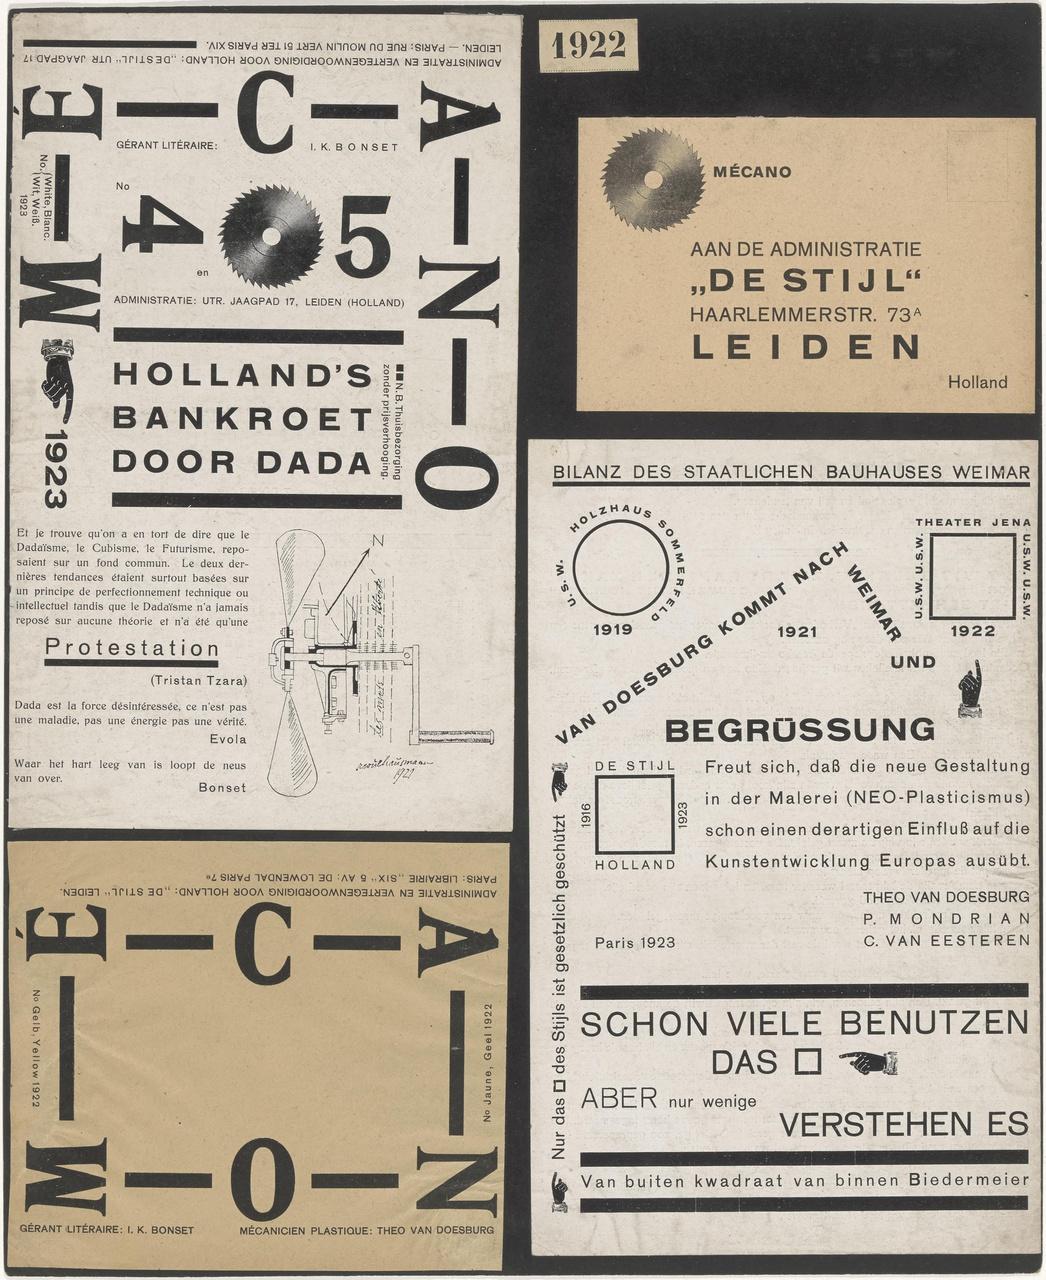 Mécano no. 4/5 White, Blanc, Wit, Weiss (delen daarvan), een deel van Mécano Jaune, Geel, Gelb, Yellow en een adreskaart